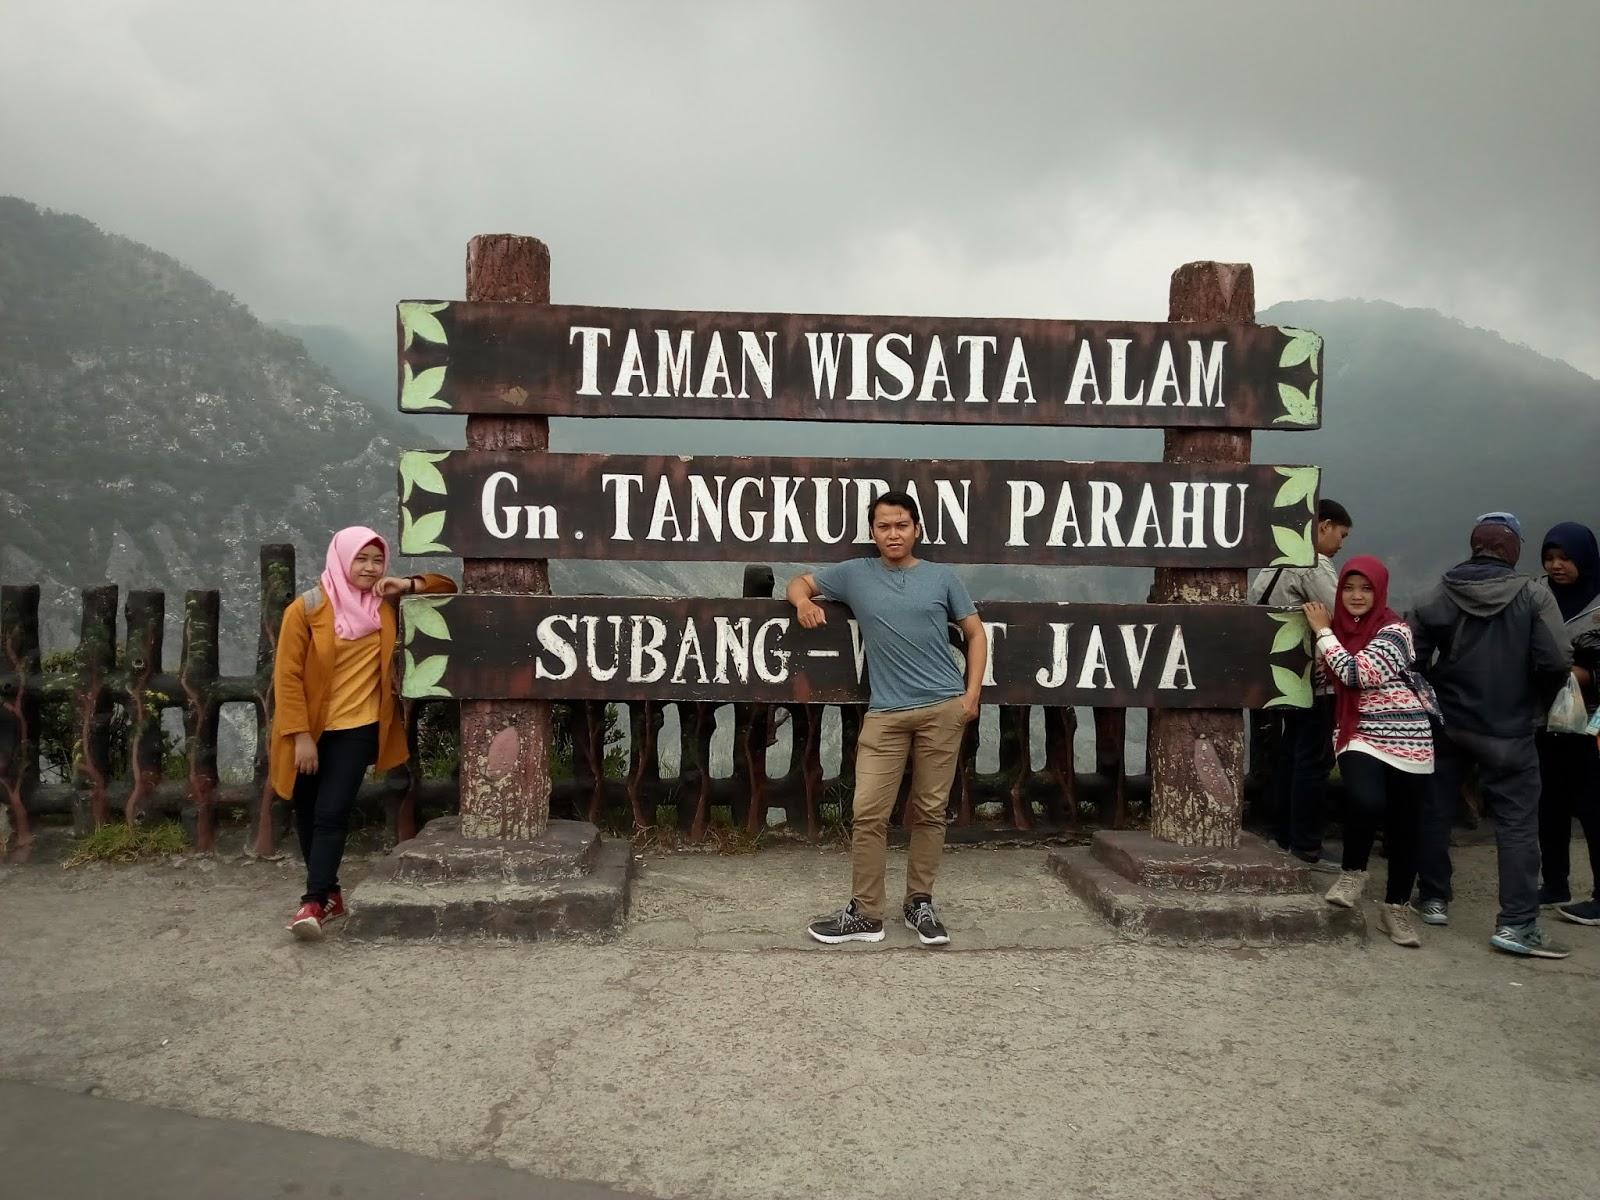 harga tiket masuk kawasan wisata gunung tangkuban perahu 2018 rh prizmakuh blogspot com